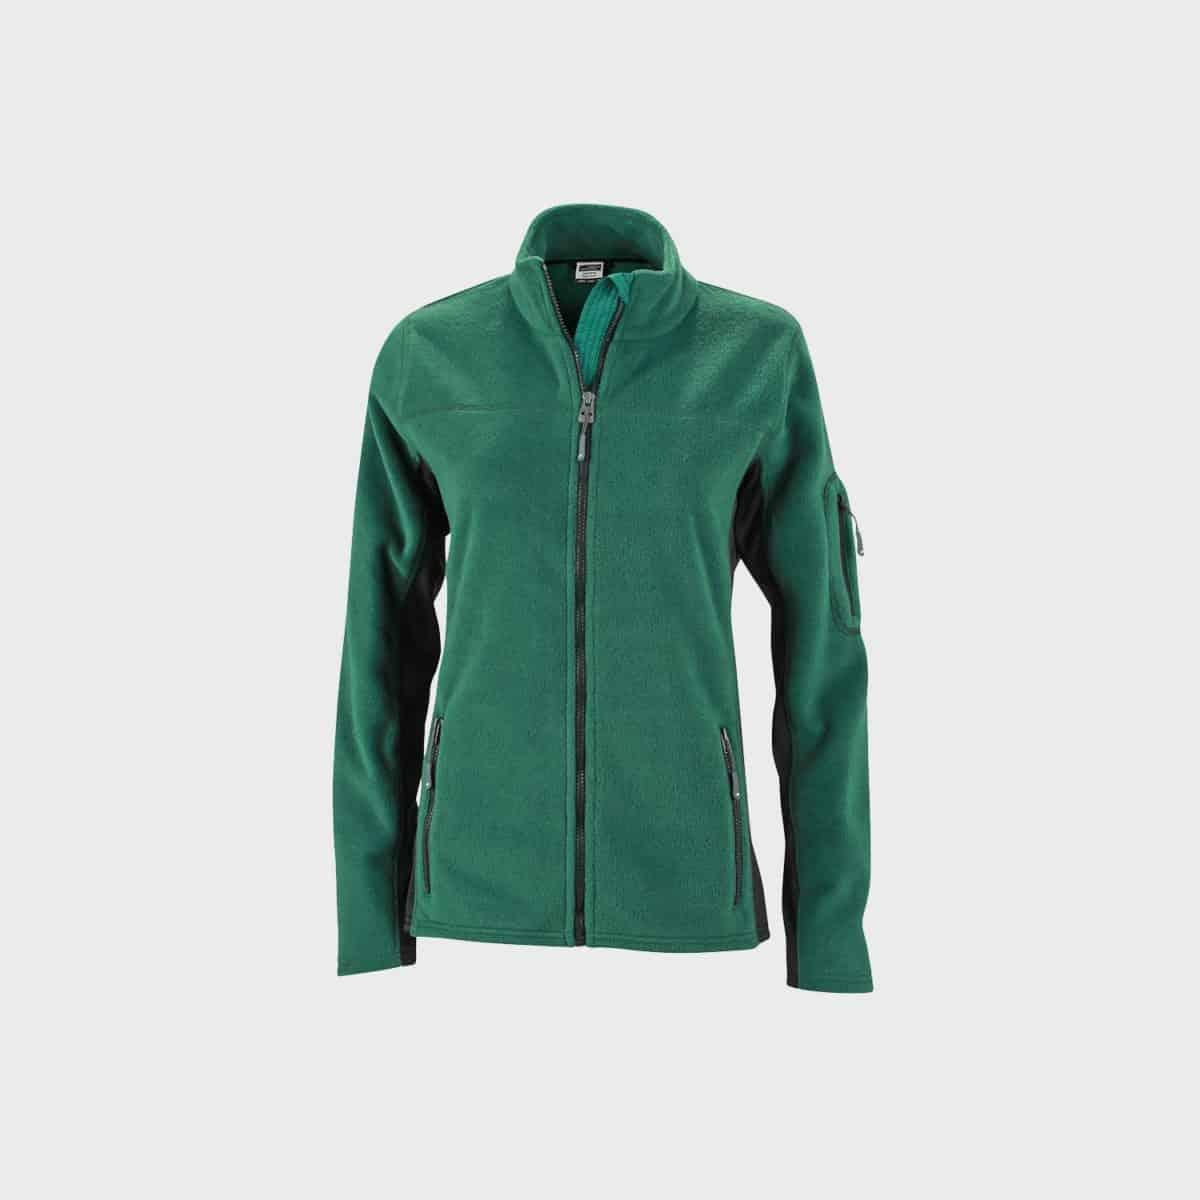 fleece-jacket-workwear-damen-darkgreen-kaufen-besticken_stickmanufaktur